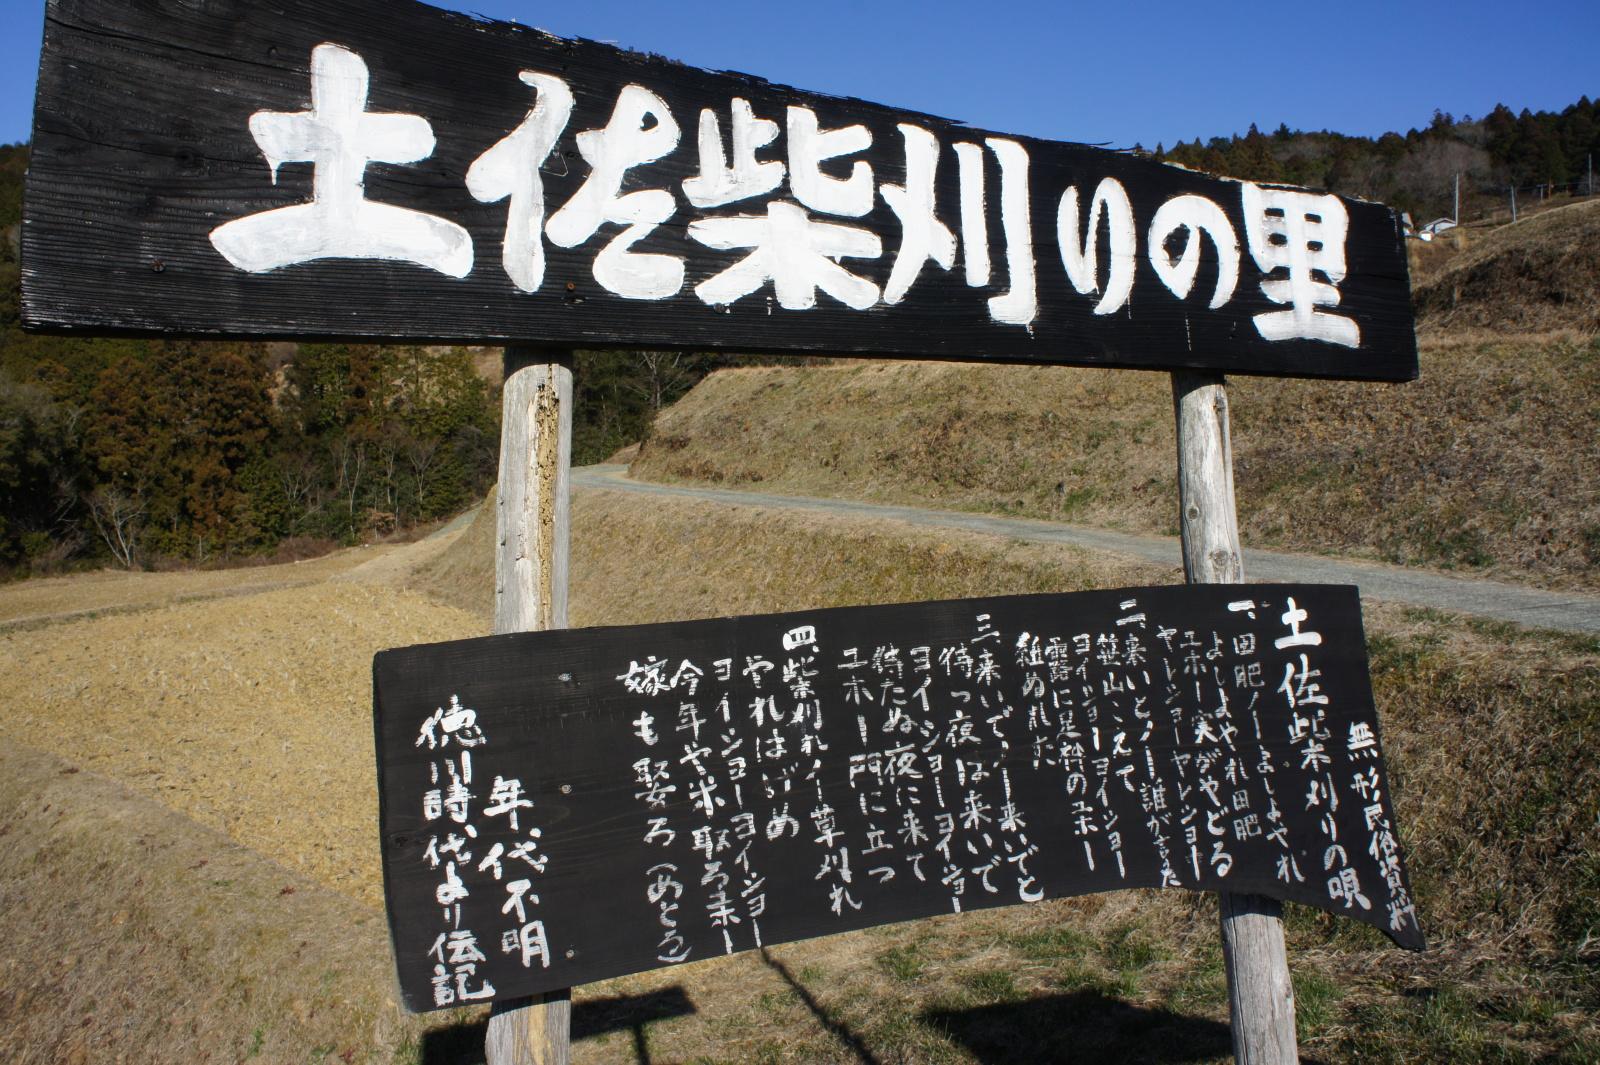 土佐町相川高須の柴刈りの里には広大な棚田が広がる